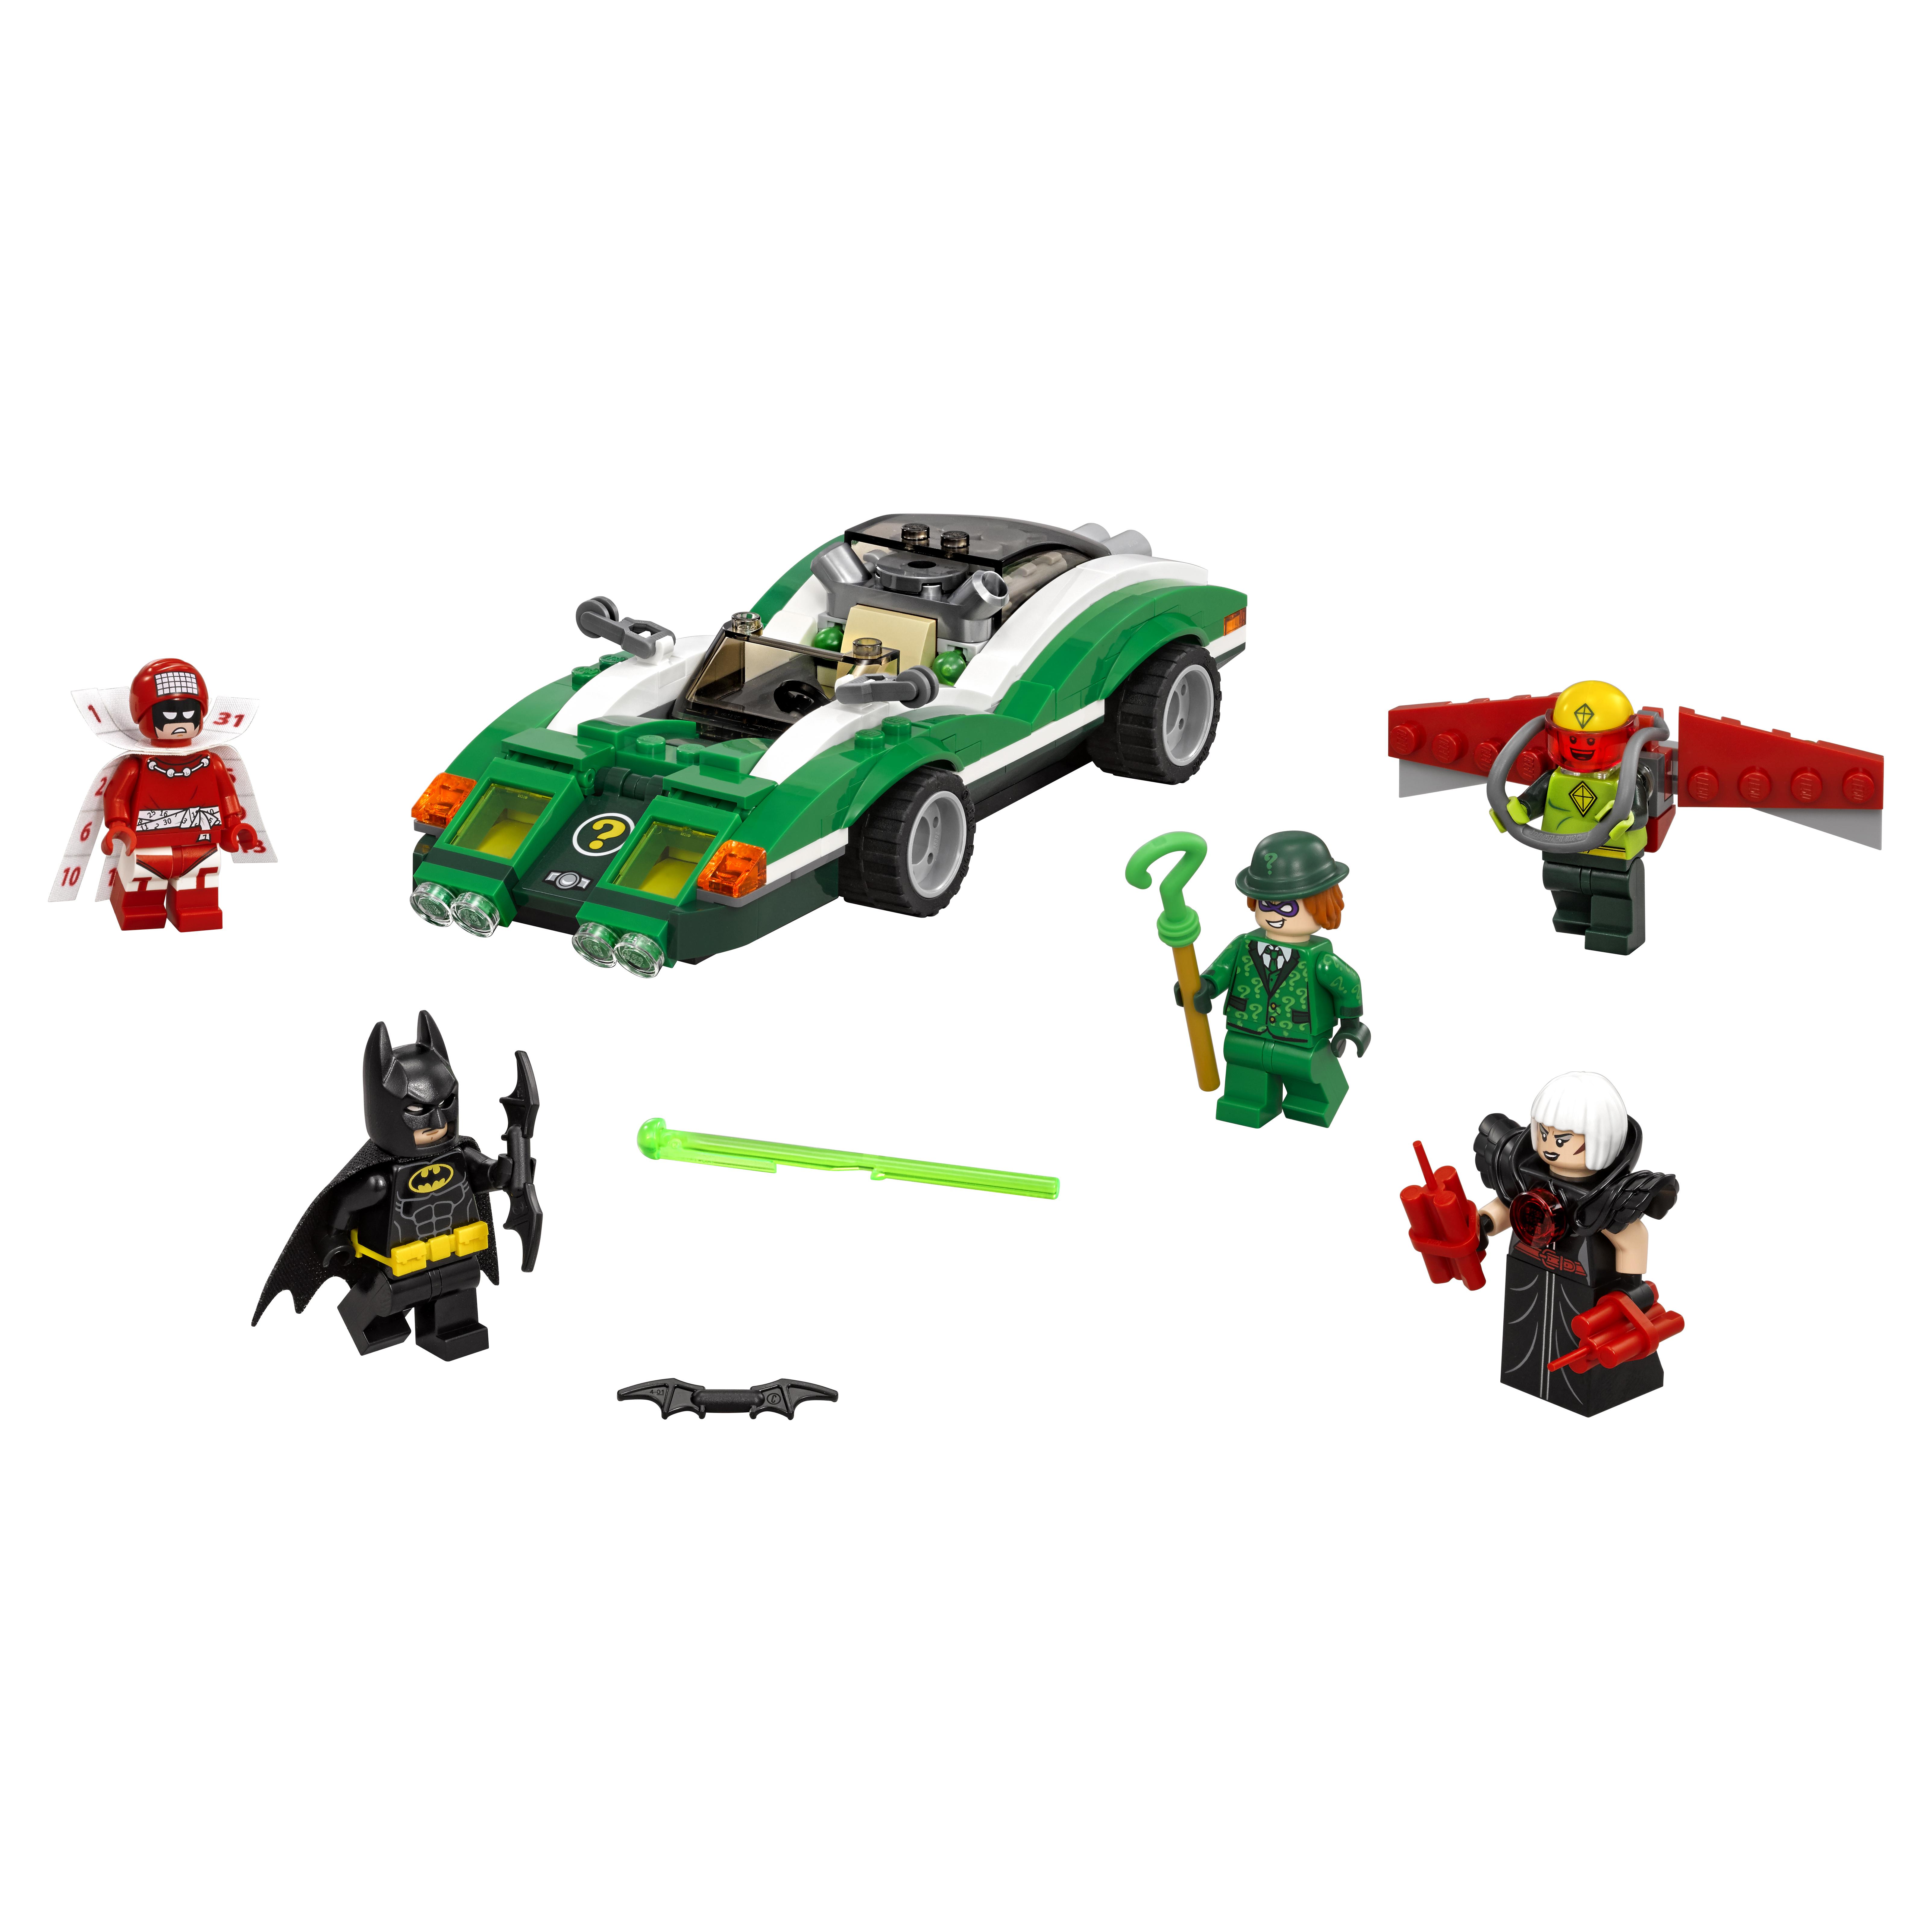 Конструктор LEGO Batman Movie Гоночный автомобиль Загадочника (70903) фото